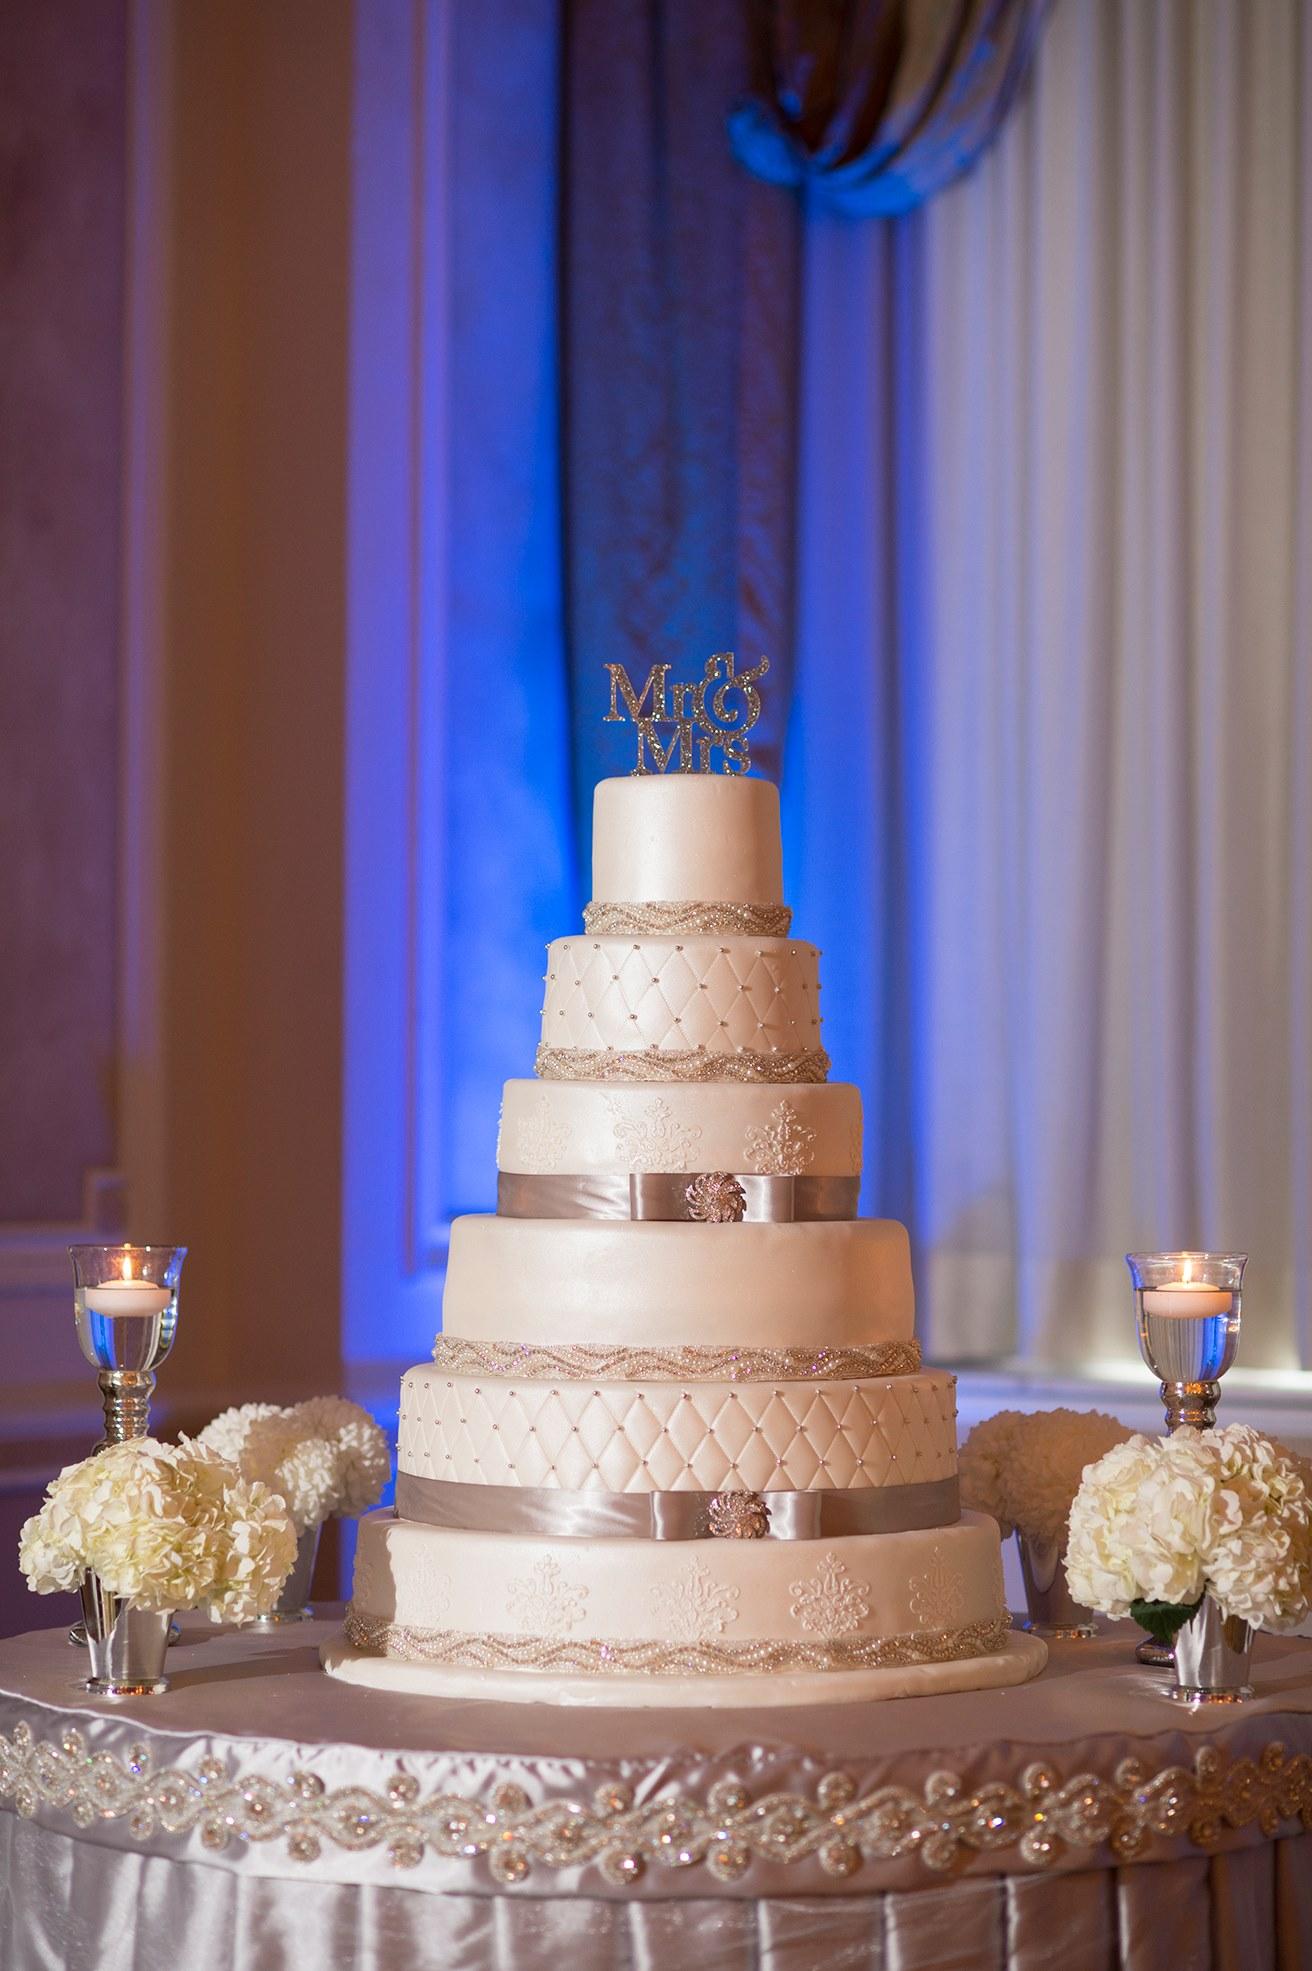 https://www.ottawaweddingmagazine.com/wp-content/uploads/2014/12/1967-chelsea_matt_wedding.jpg